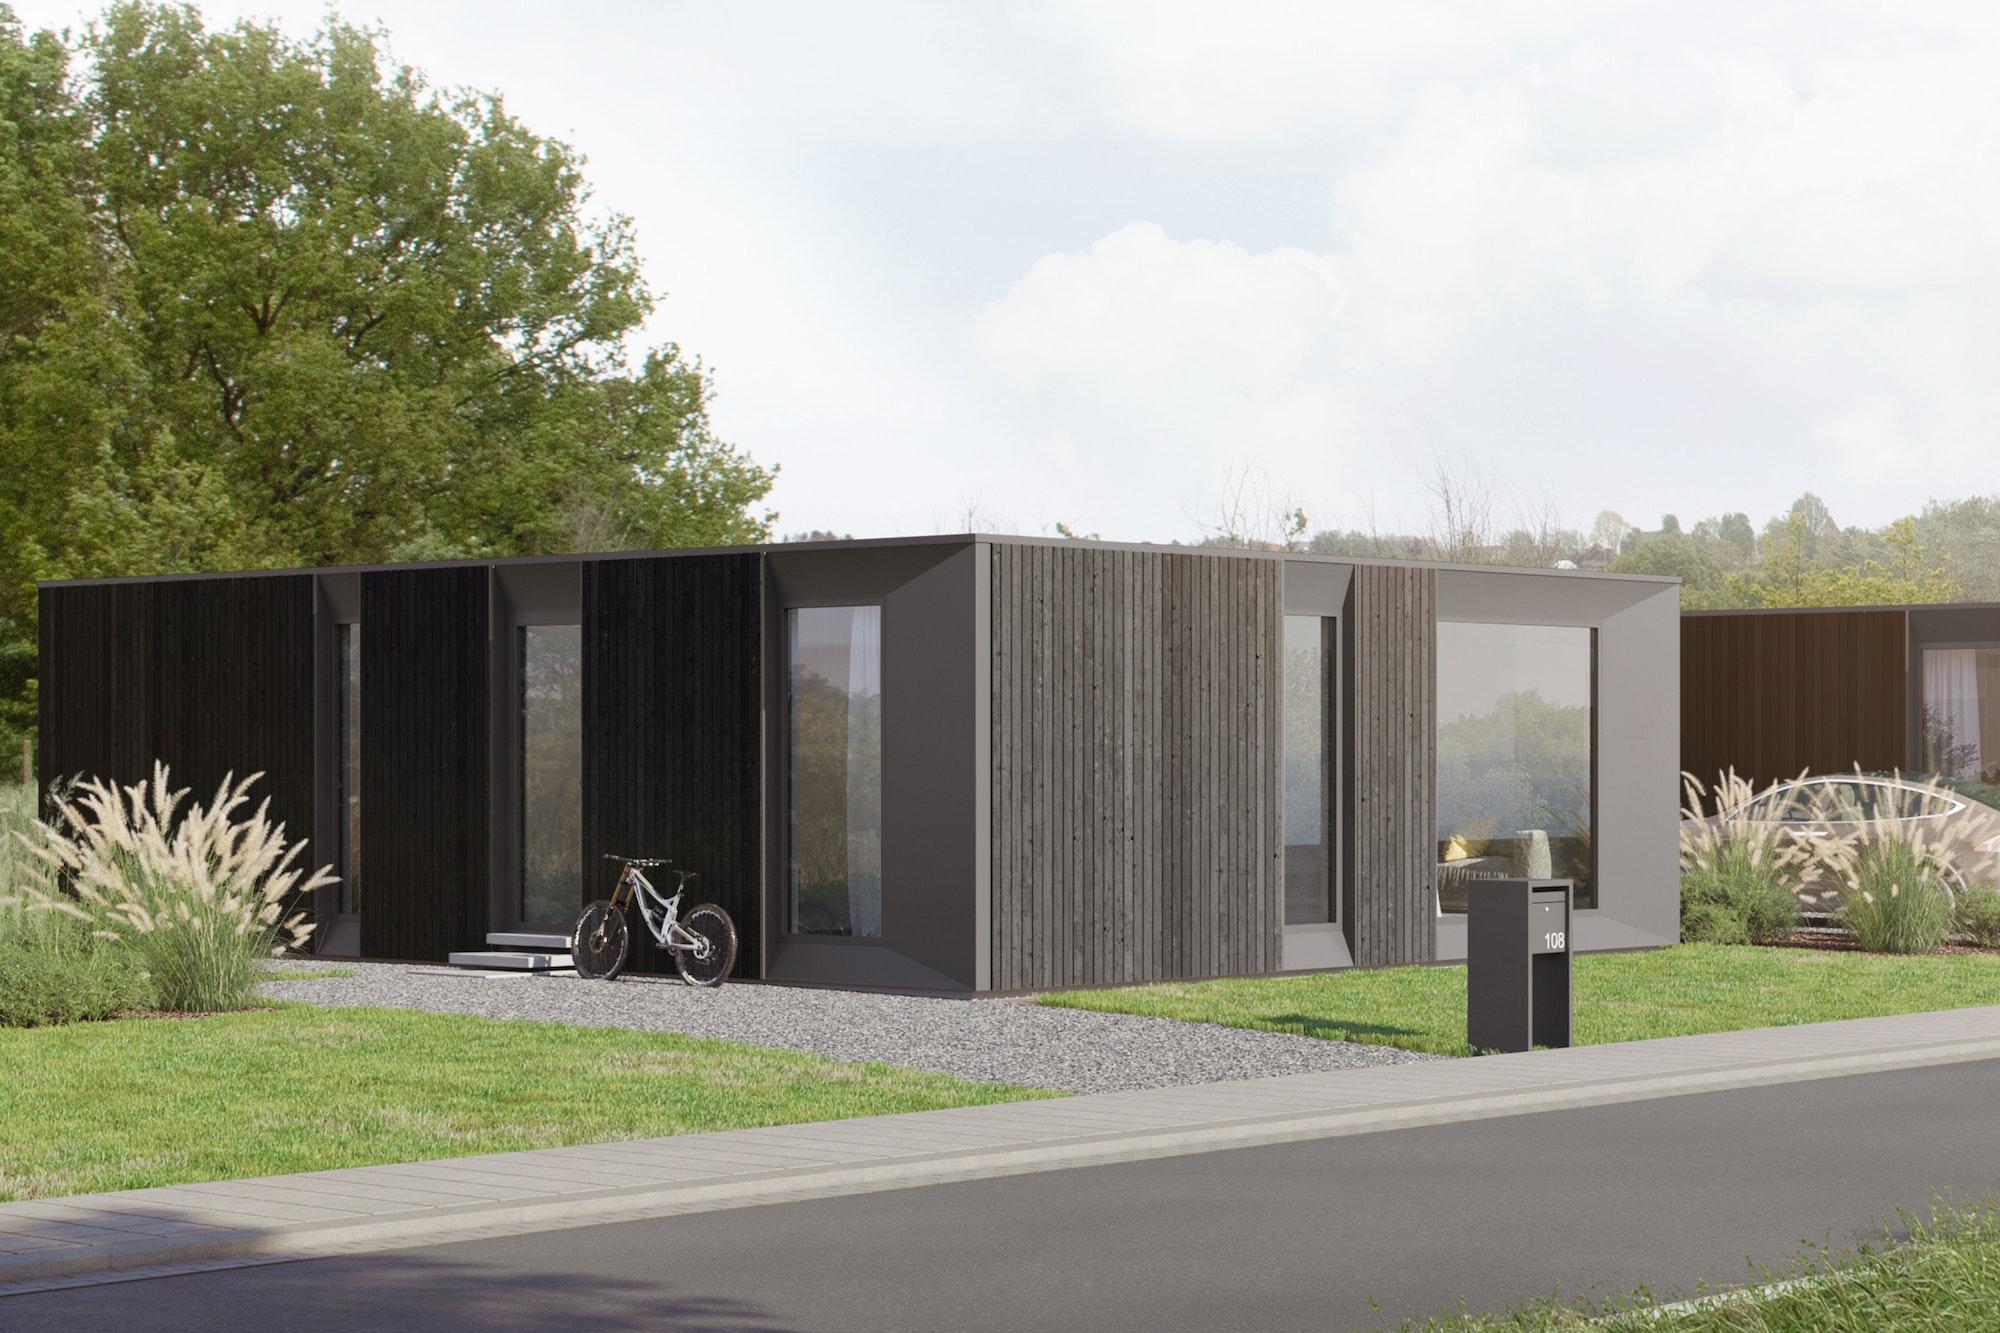 Skilpod #108 — houtskeletbouw bungalow woning met 2 slaapkamers, modern design met zwart hout